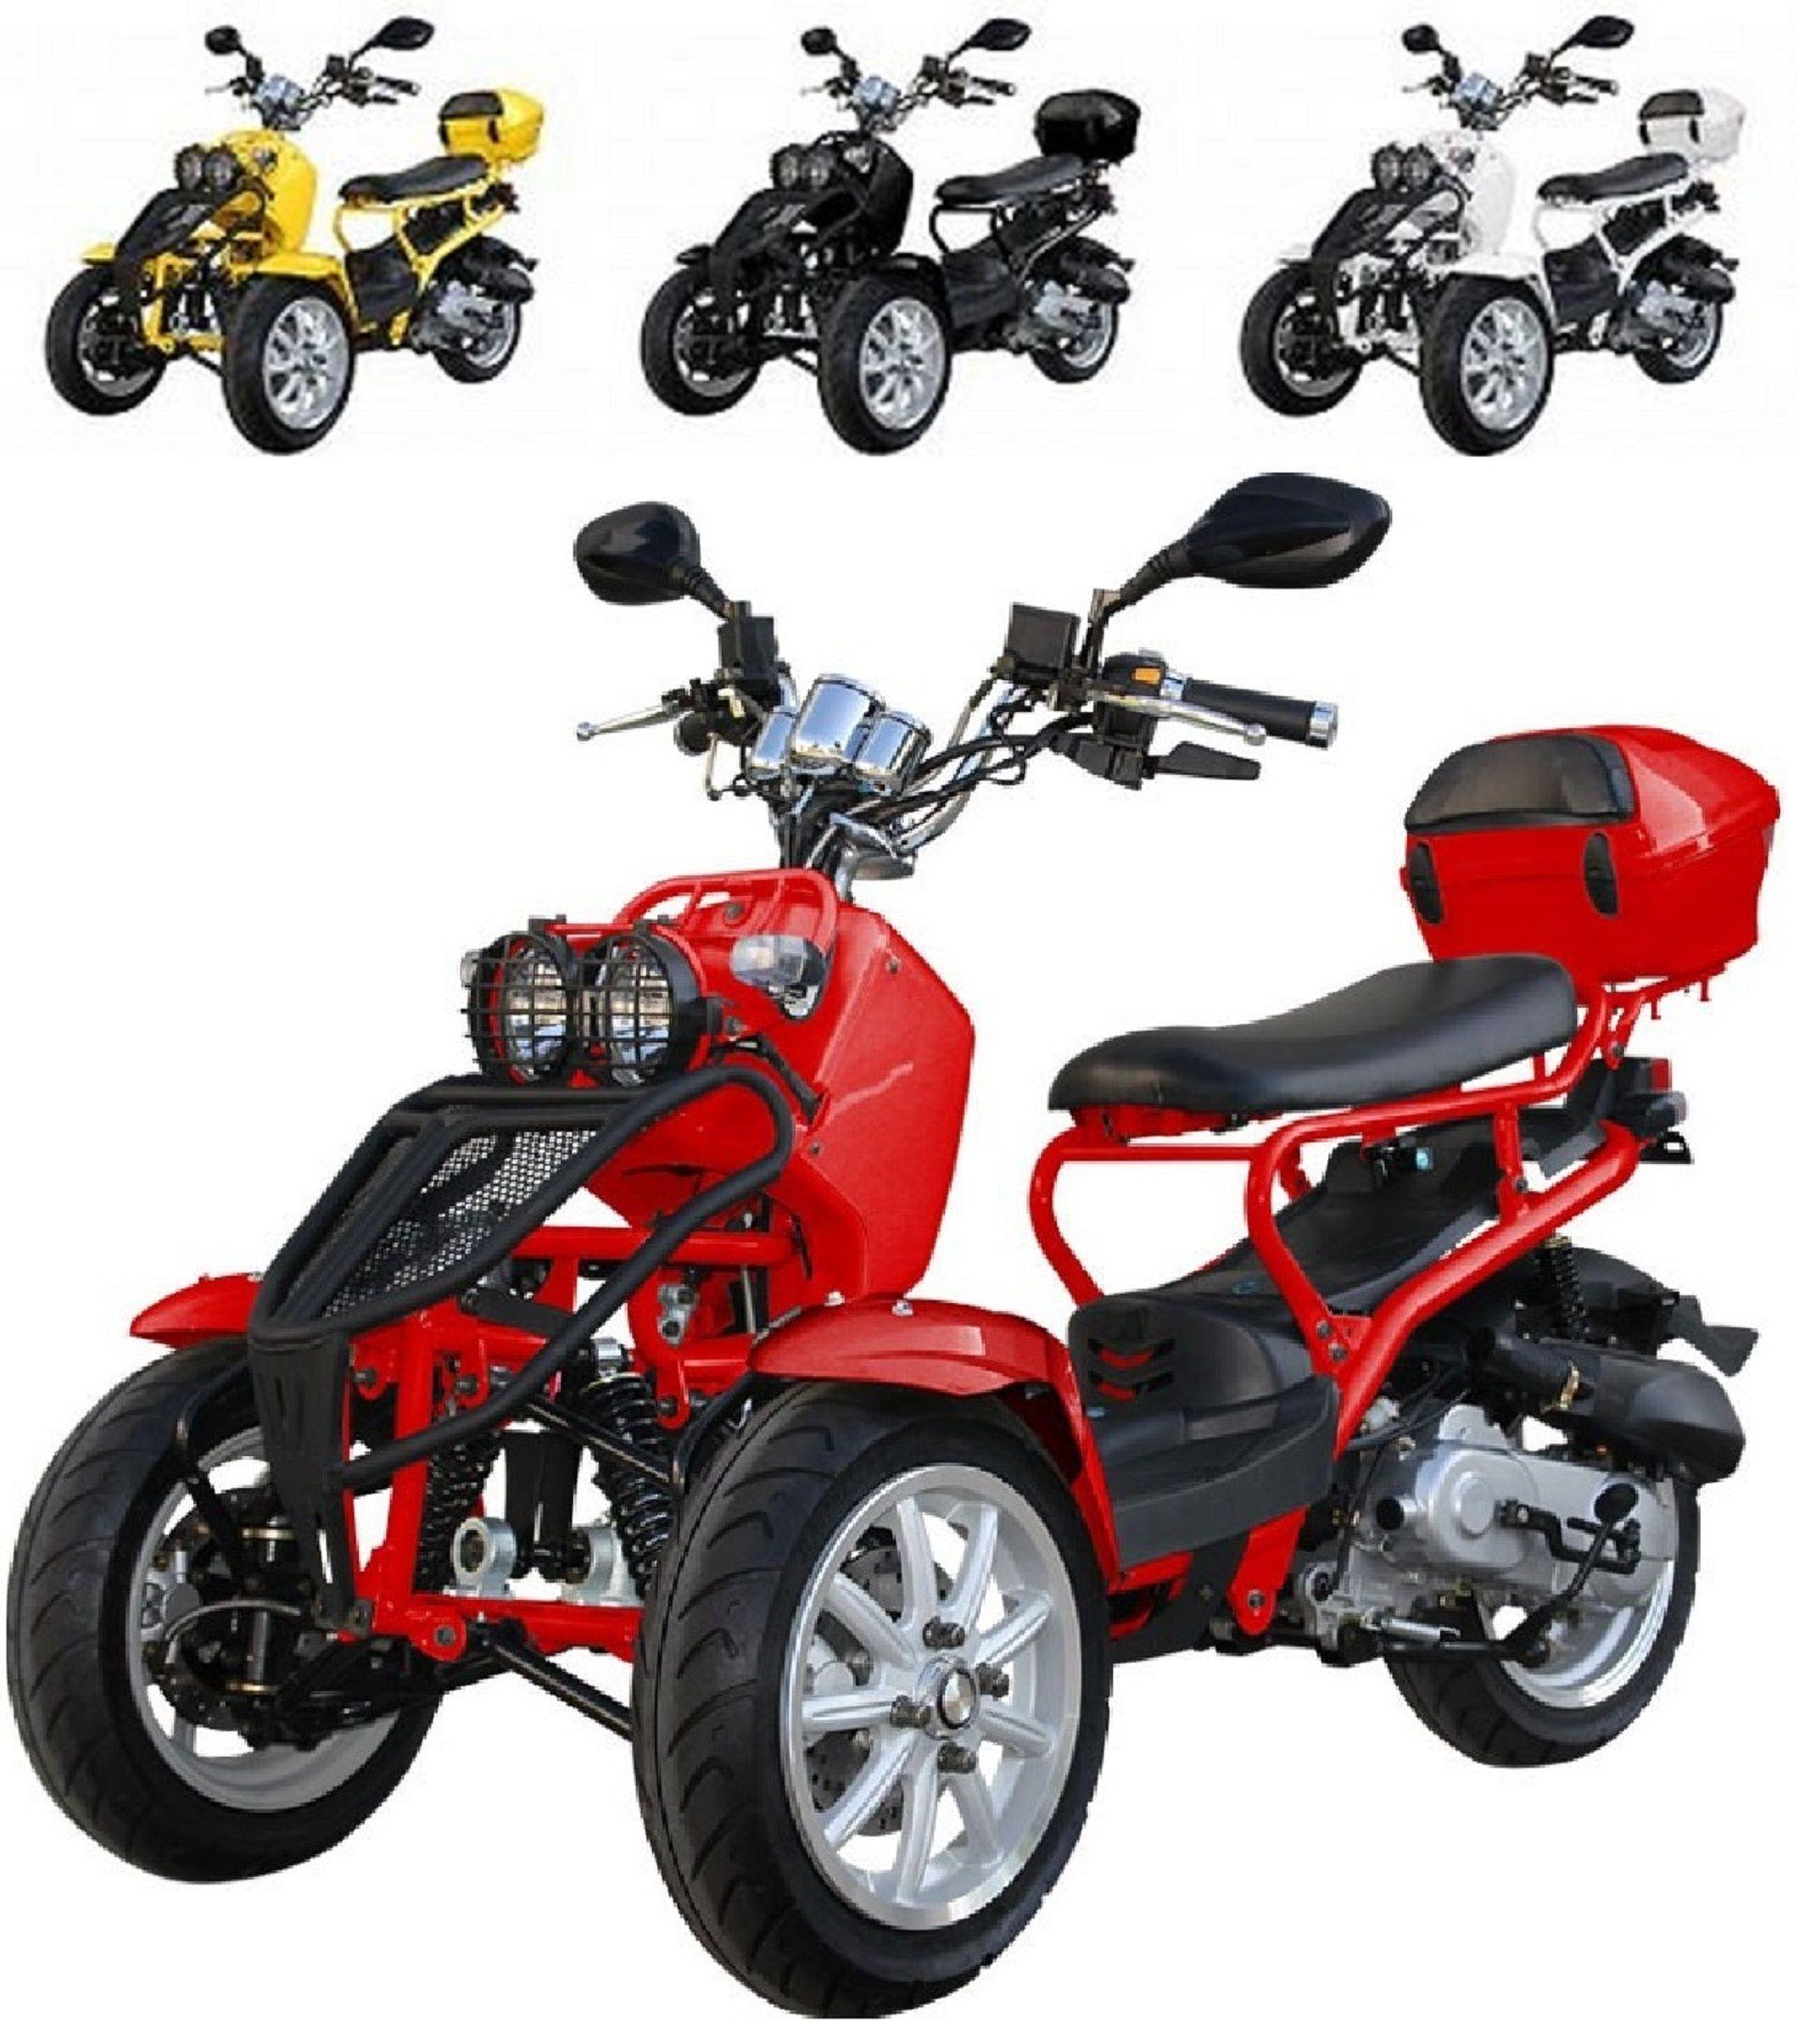 Trike Motorcycle, Trike Scooter